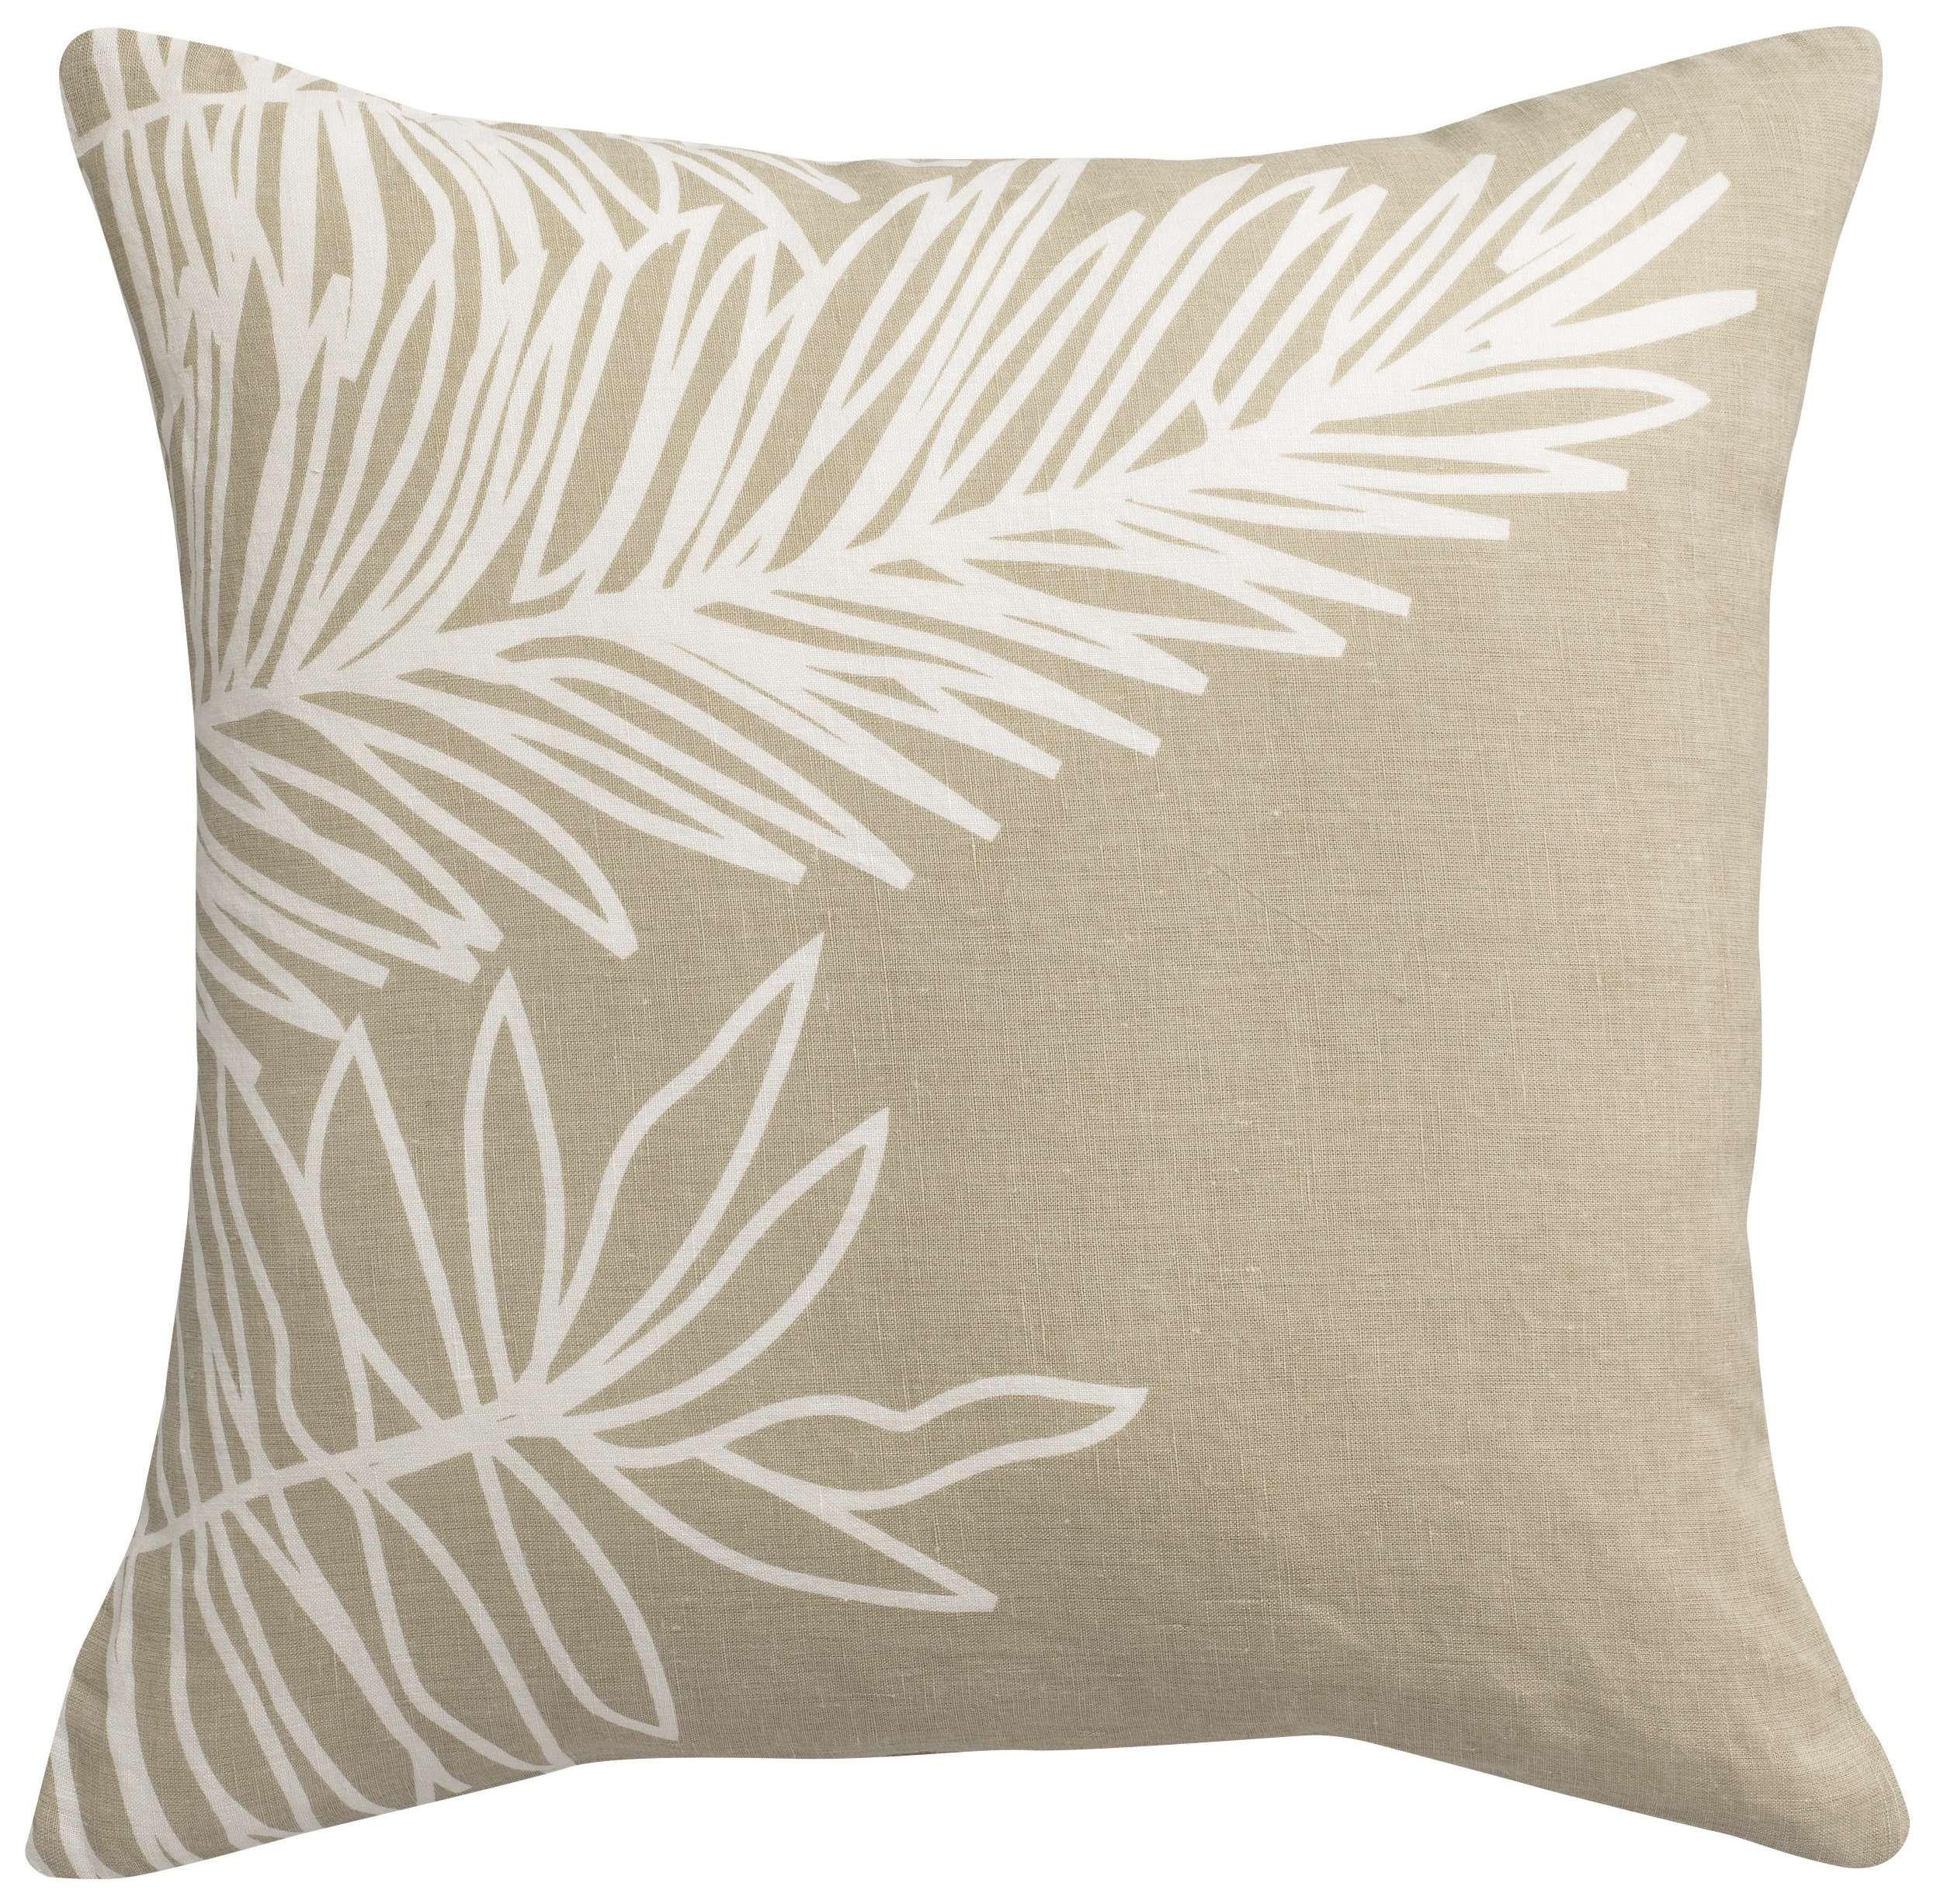 Vivaraise Cushion Zeff Palm Craie